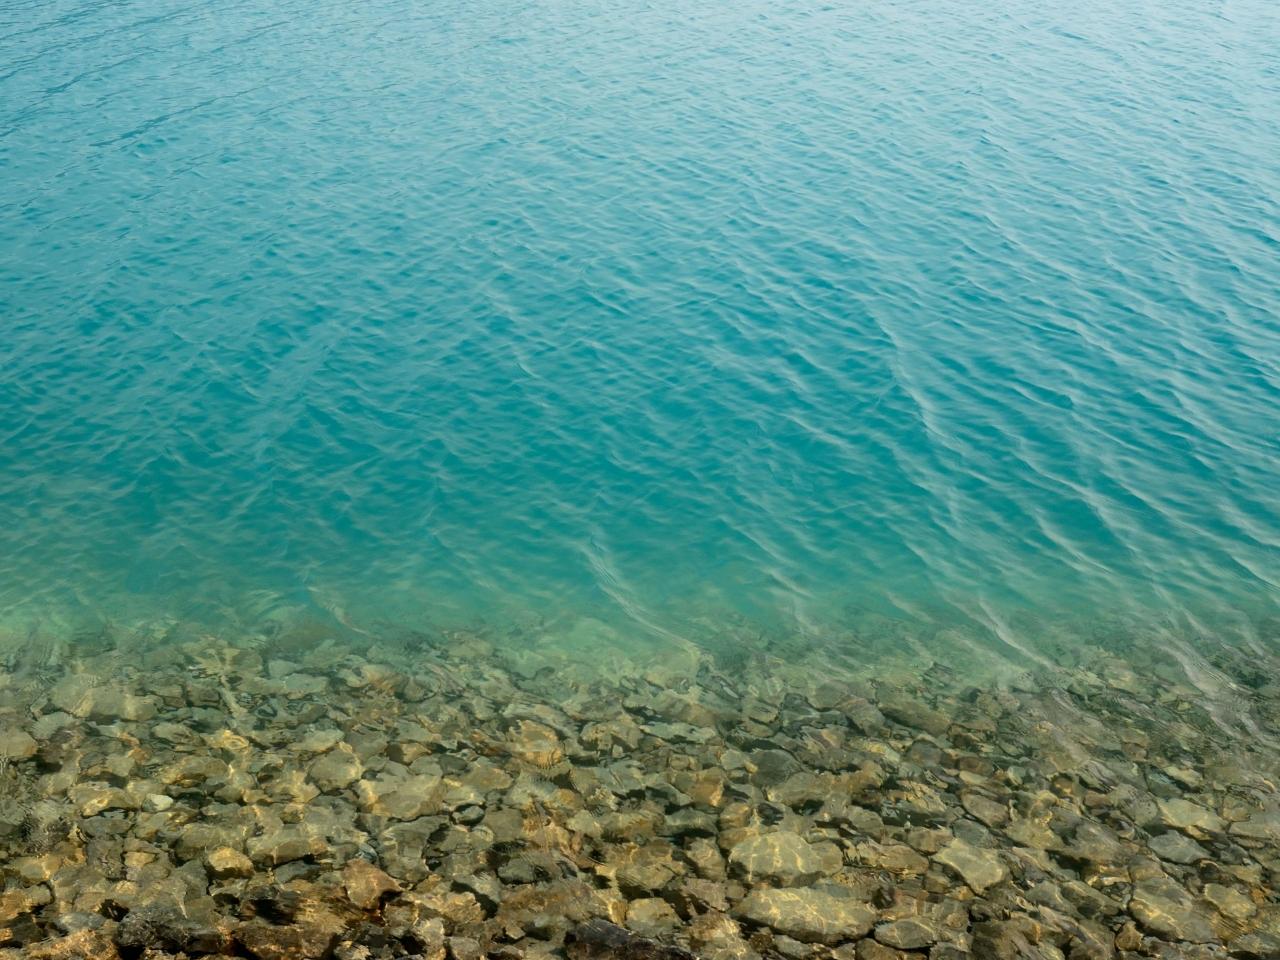 El agua de los lagos - 1280x960